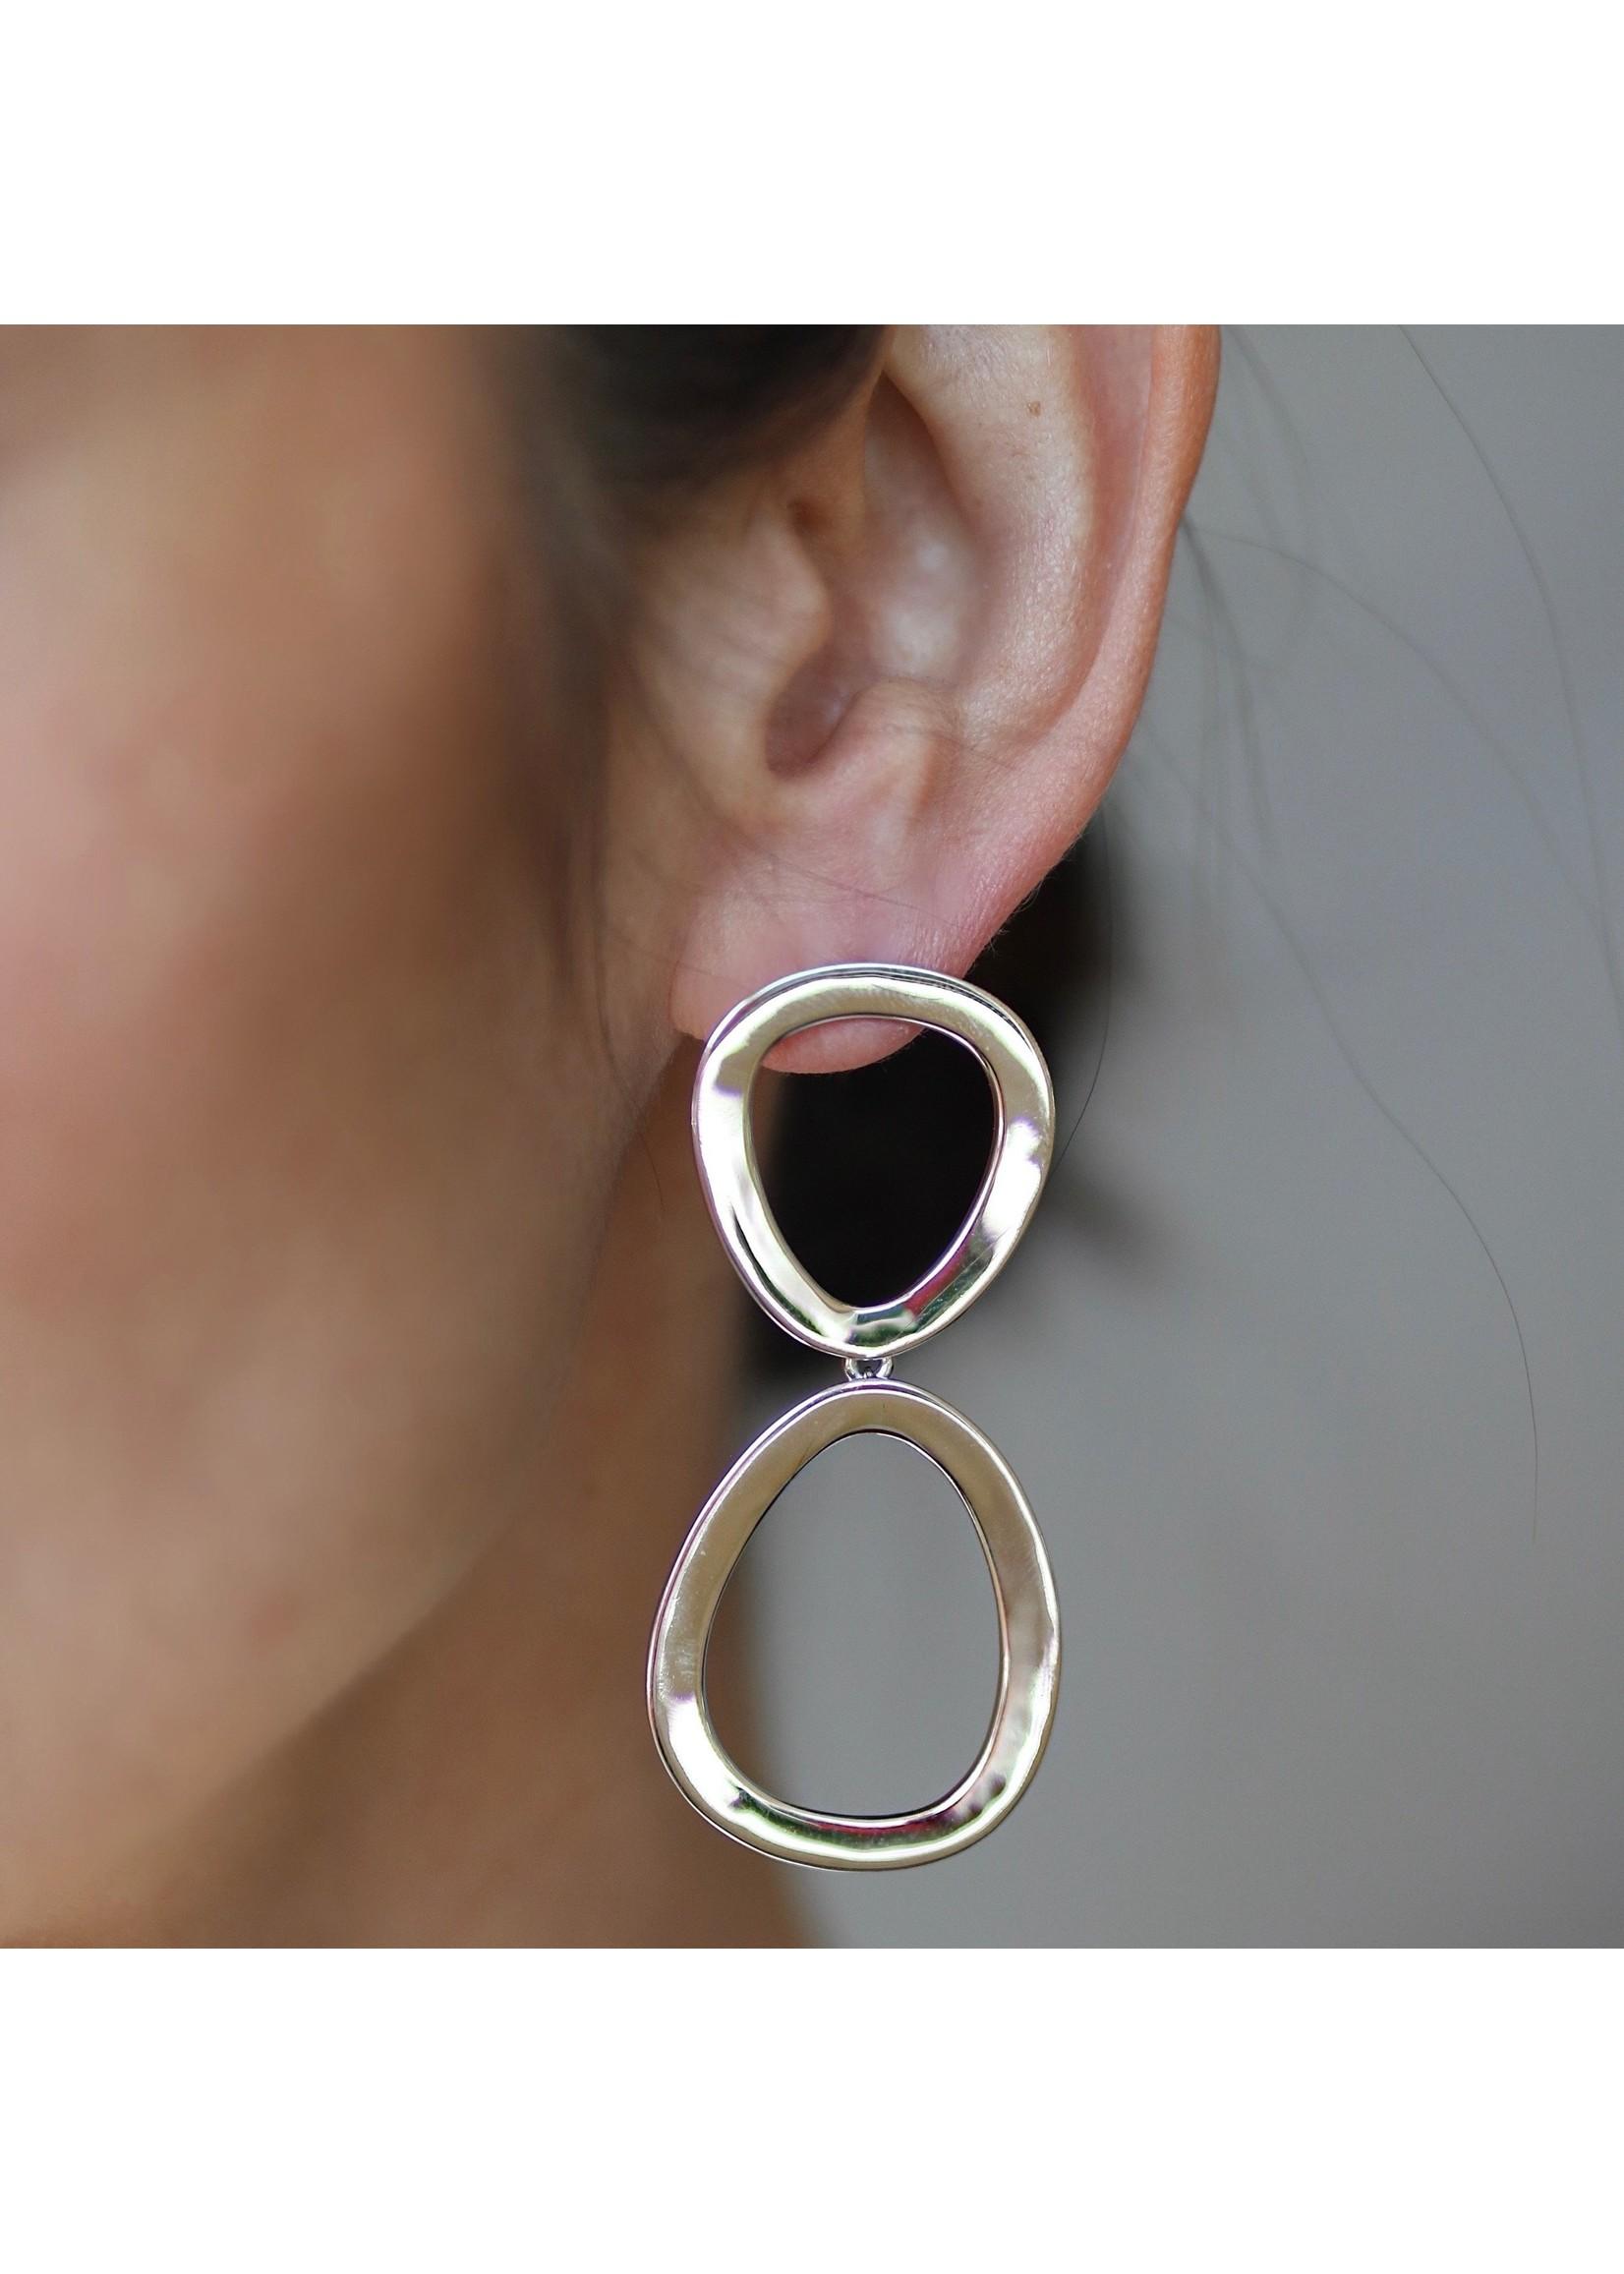 Lolo Jewellery Elise Earrings - Silver